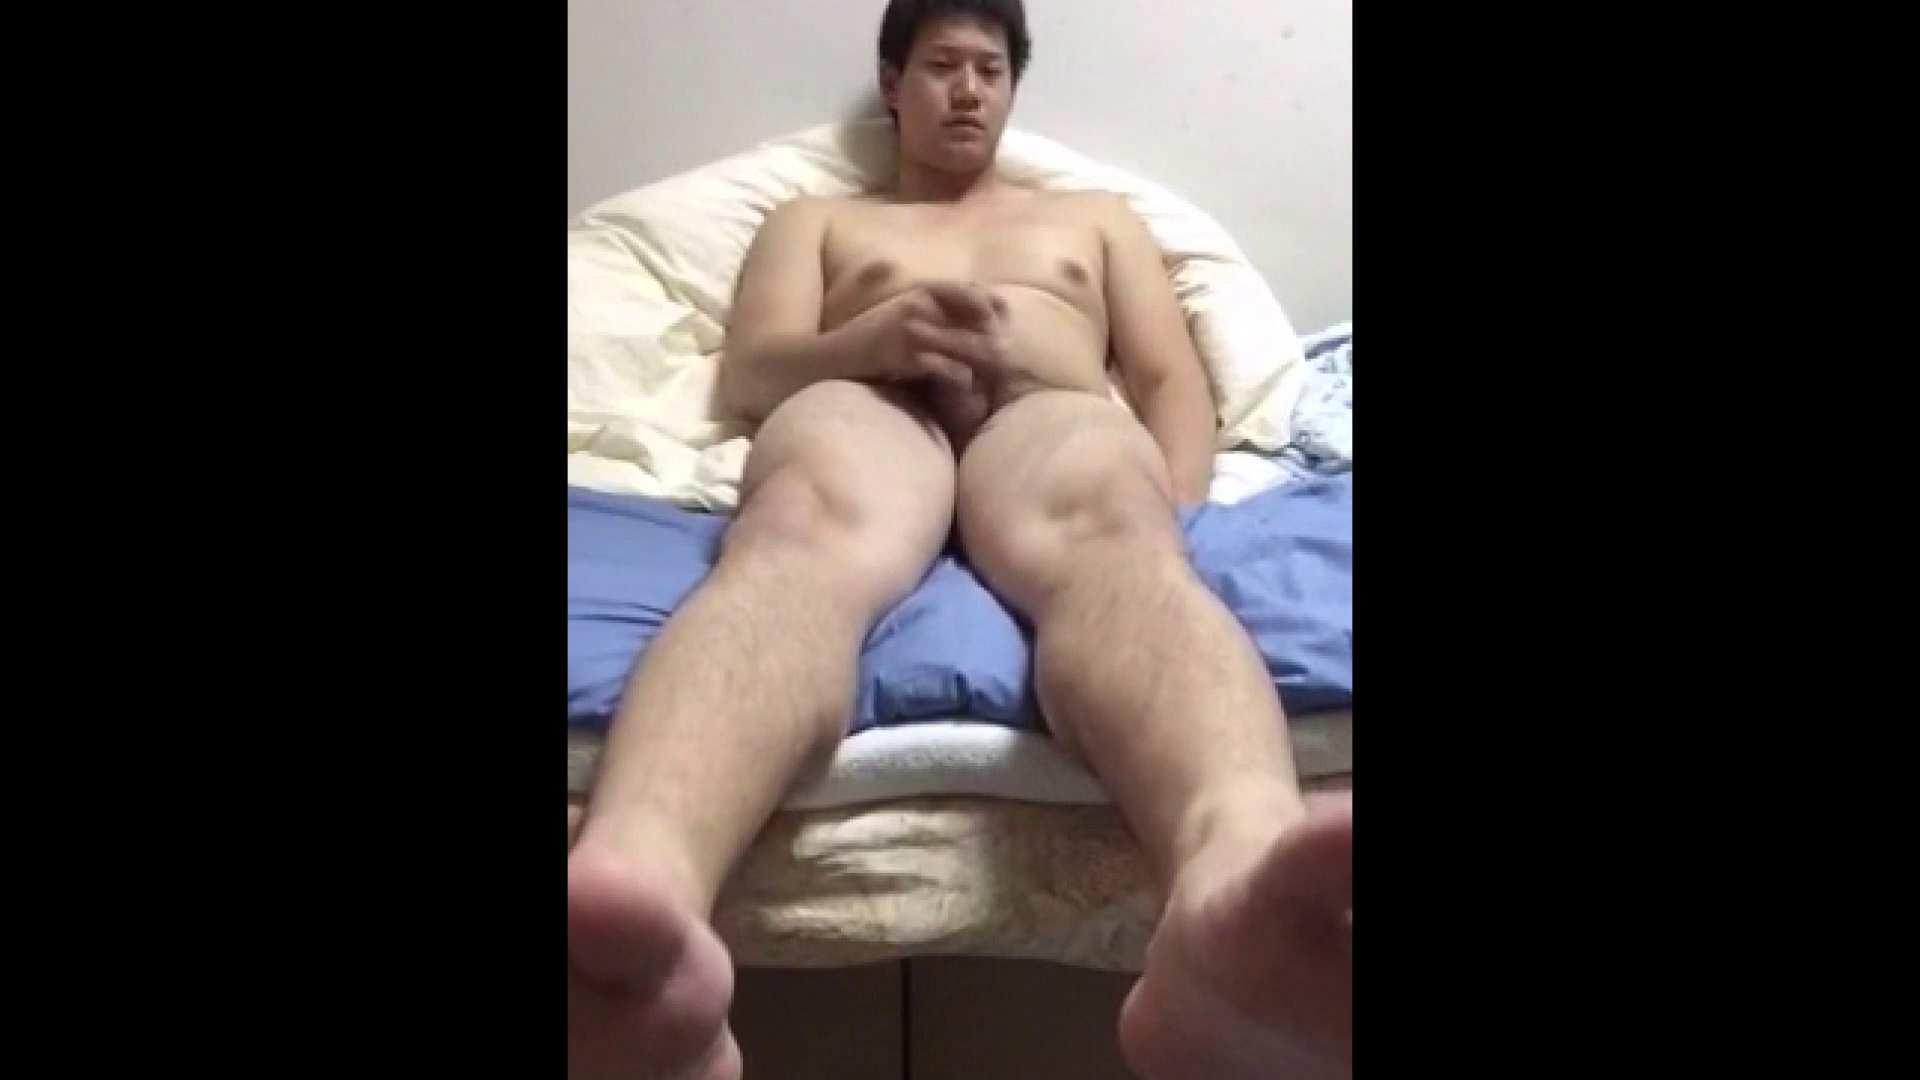 個人撮影 自慰の極意 Vol.18 個人撮影 ゲイエロ動画 84枚 9